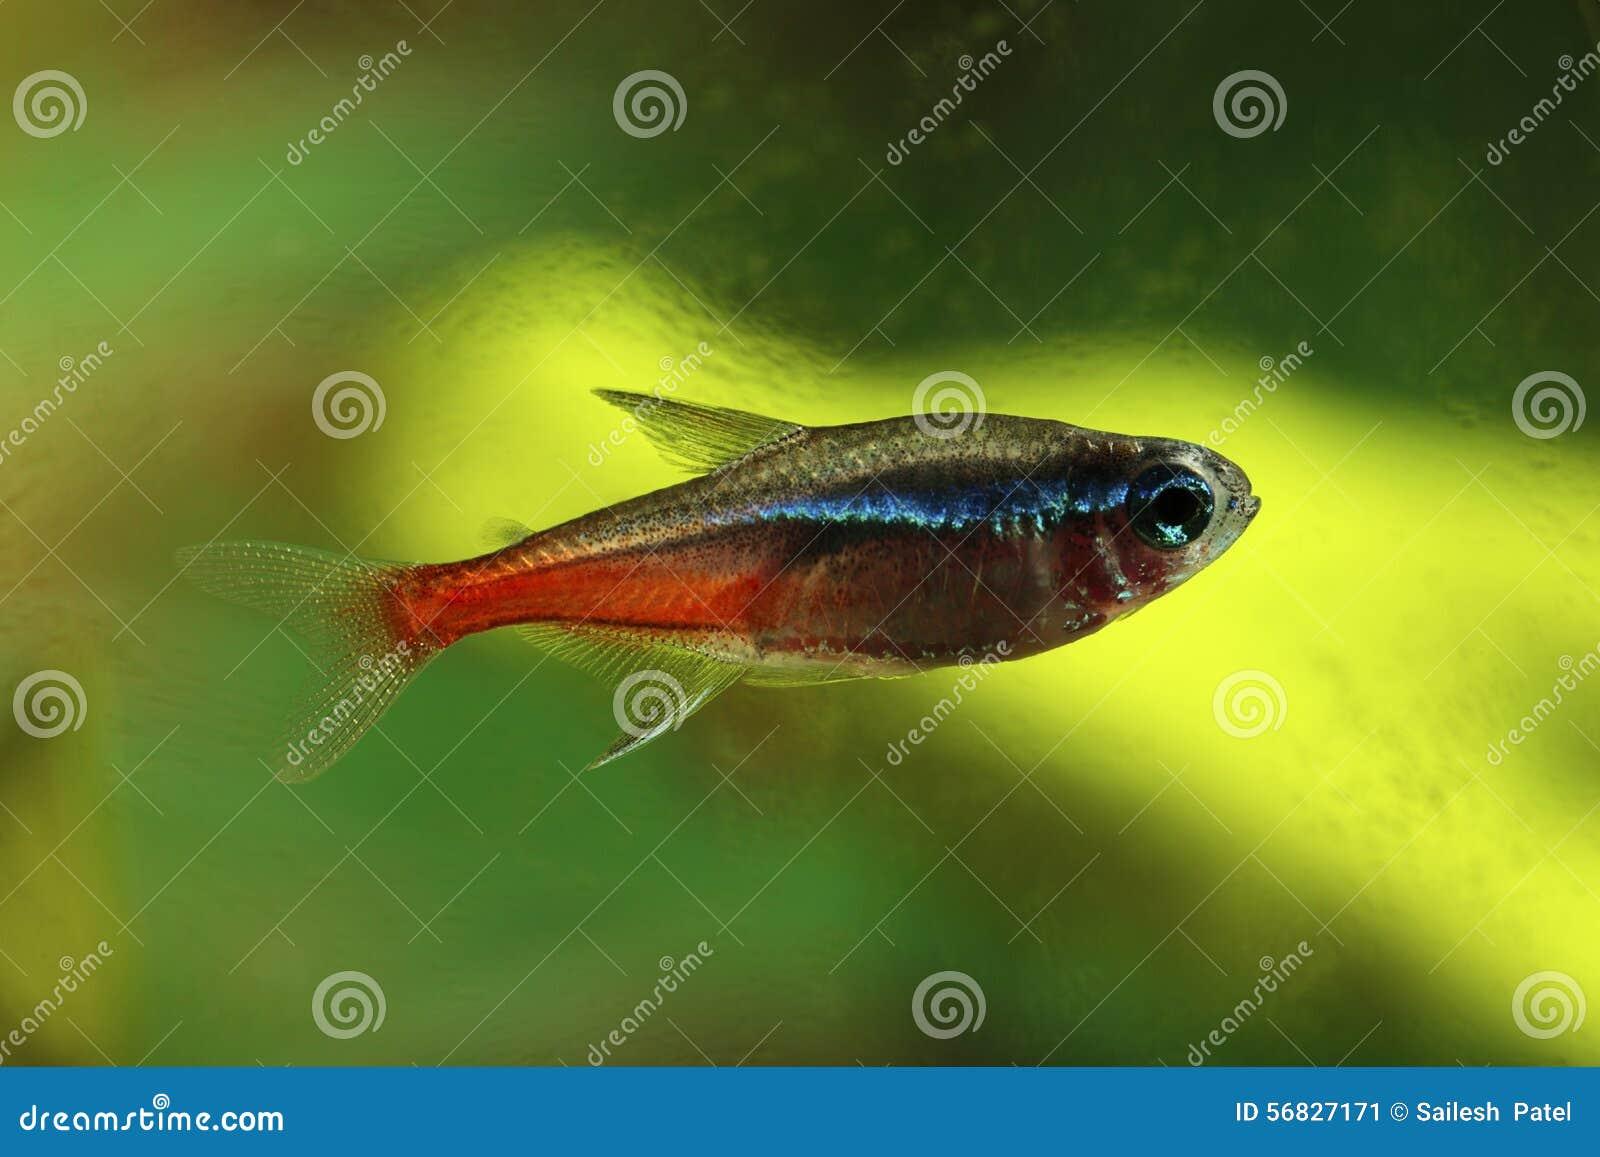 Neon Tetra stock image. Image of characidae, fish, animal - 56827171